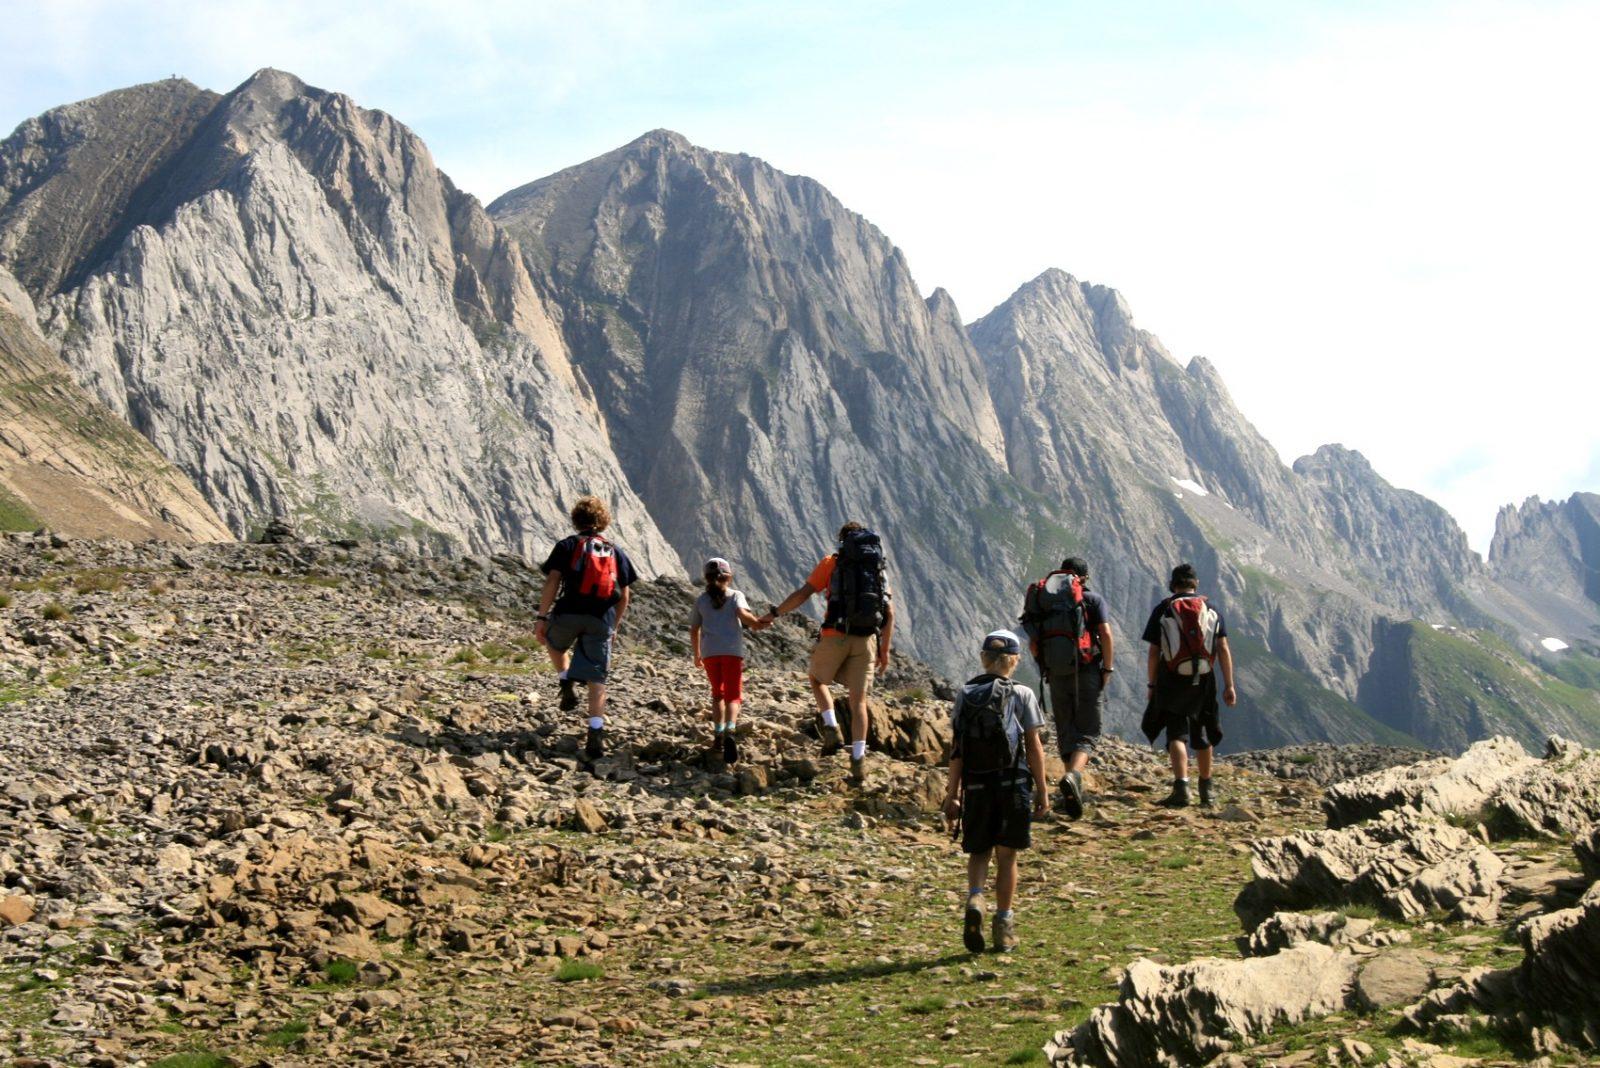 Randonnee Montagne Tour Des Dents Blanches Haute Savoie Grand Massif Montagnes Du Giffre